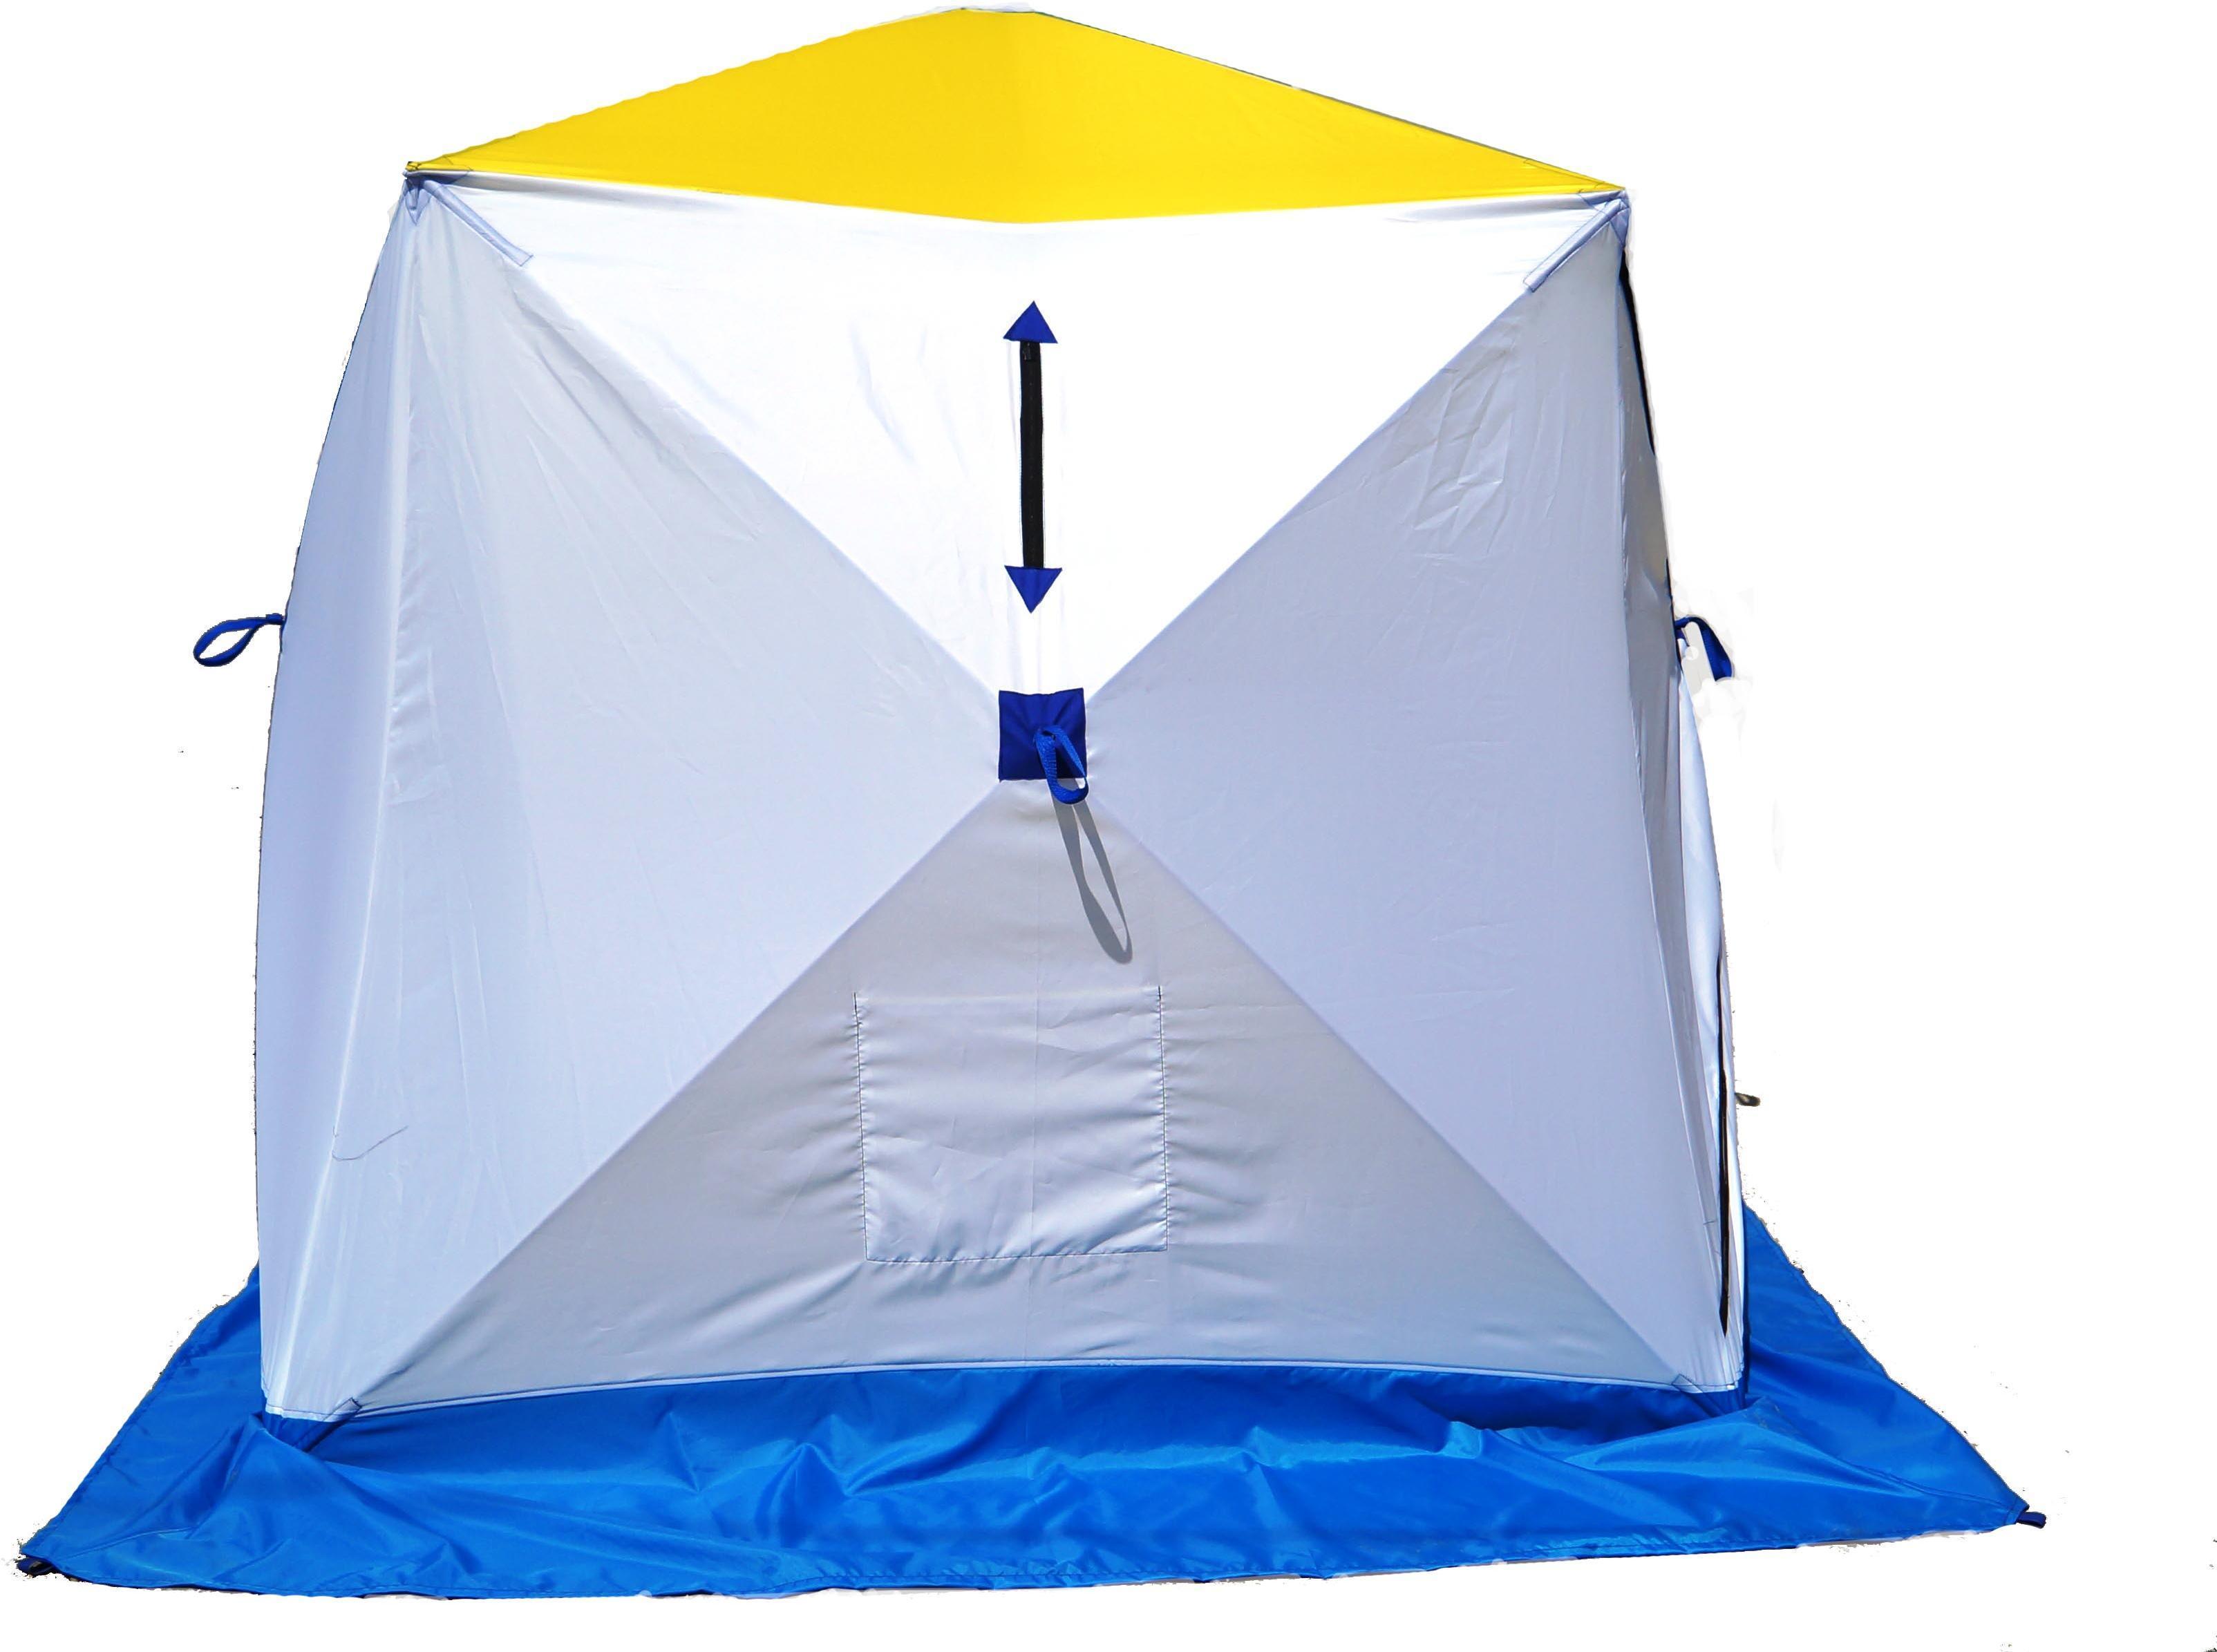 Палатка для зимней рыбалки Стэк Куб-2, Палатки двухместные - арт. 694600320